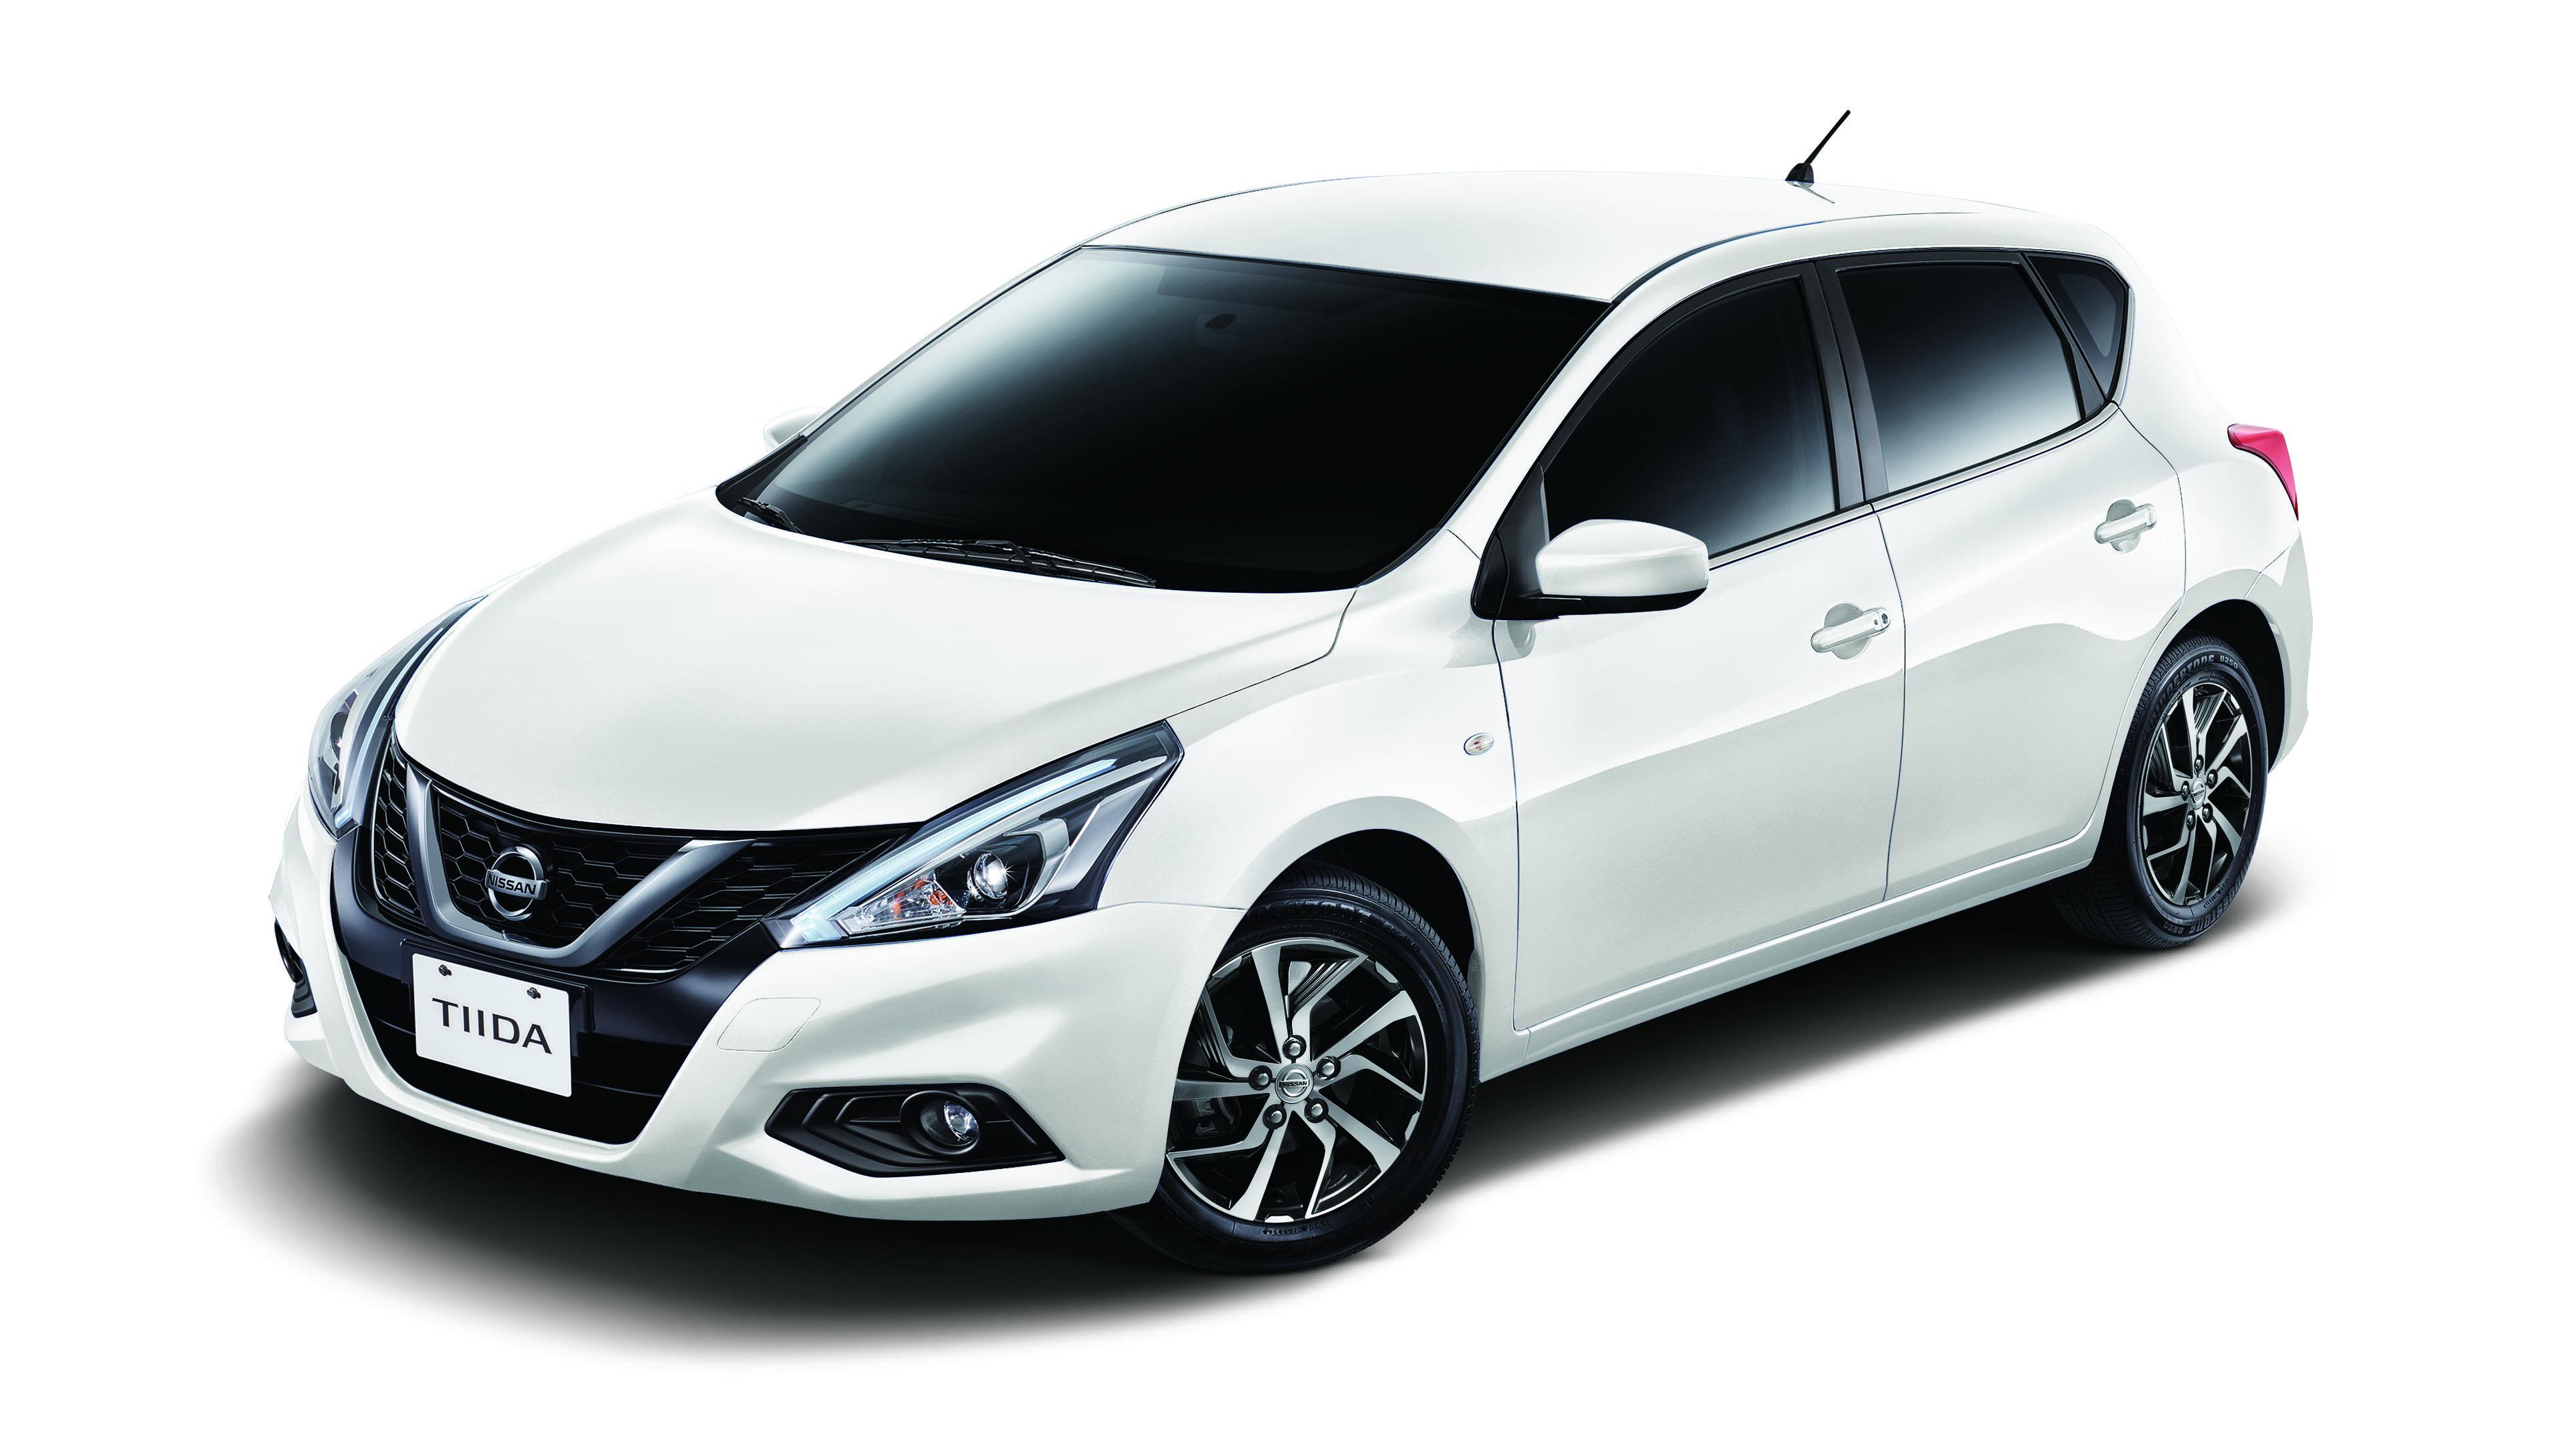 21 年式 Nissan Tiida 65.9 萬元起 買就送瑞典吸塵器